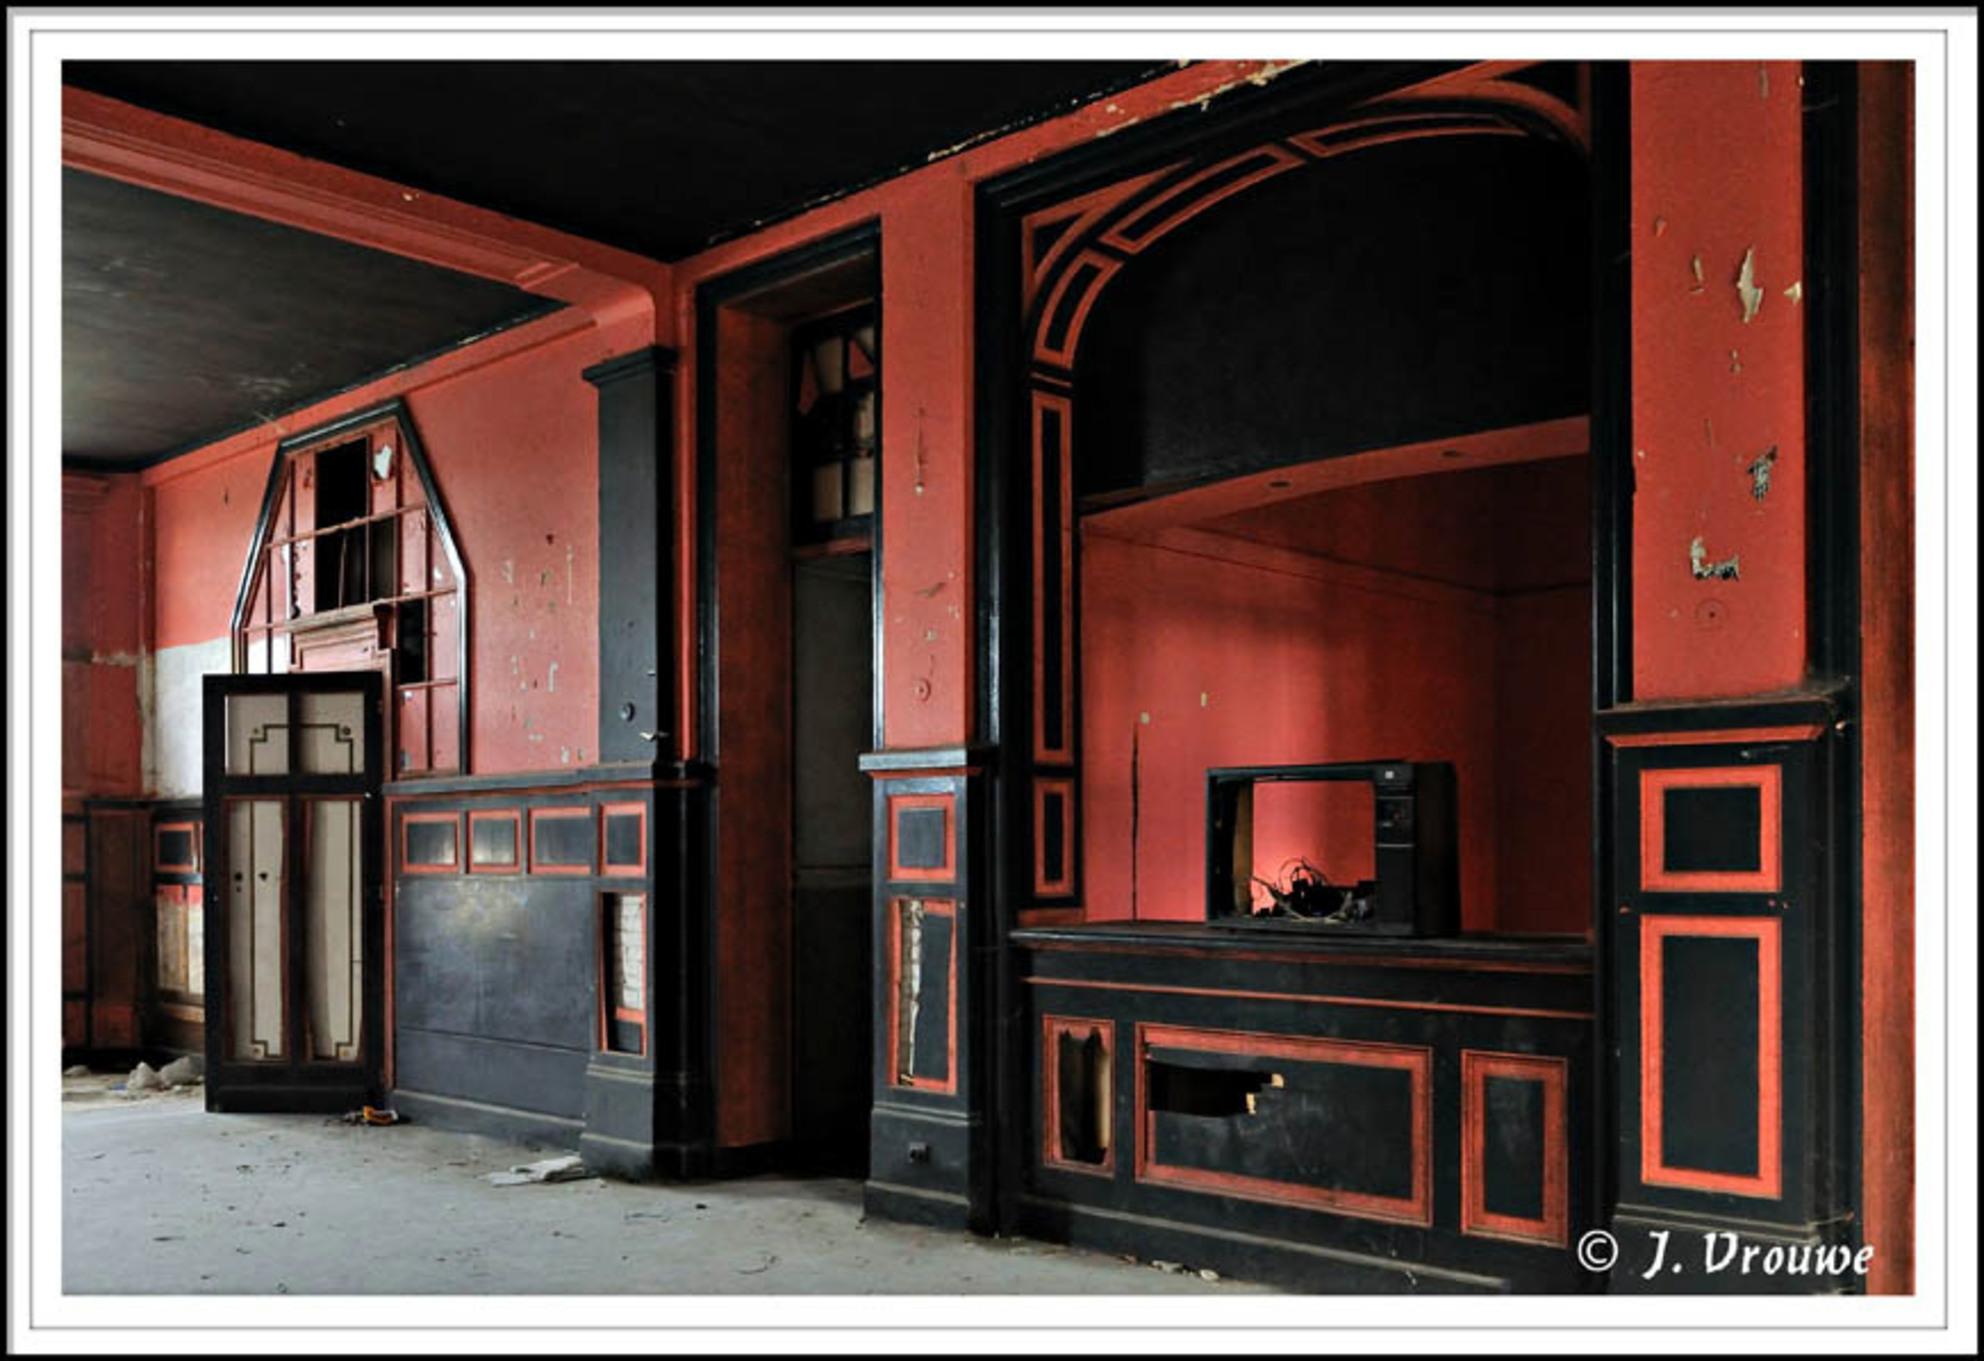 zwart/rood - Een oud casino - foto door janv2 op 28-02-2014 - deze foto bevat: oud, rood, zwart, leeg, vervallen, casino, urbex - Deze foto mag gebruikt worden in een Zoom.nl publicatie